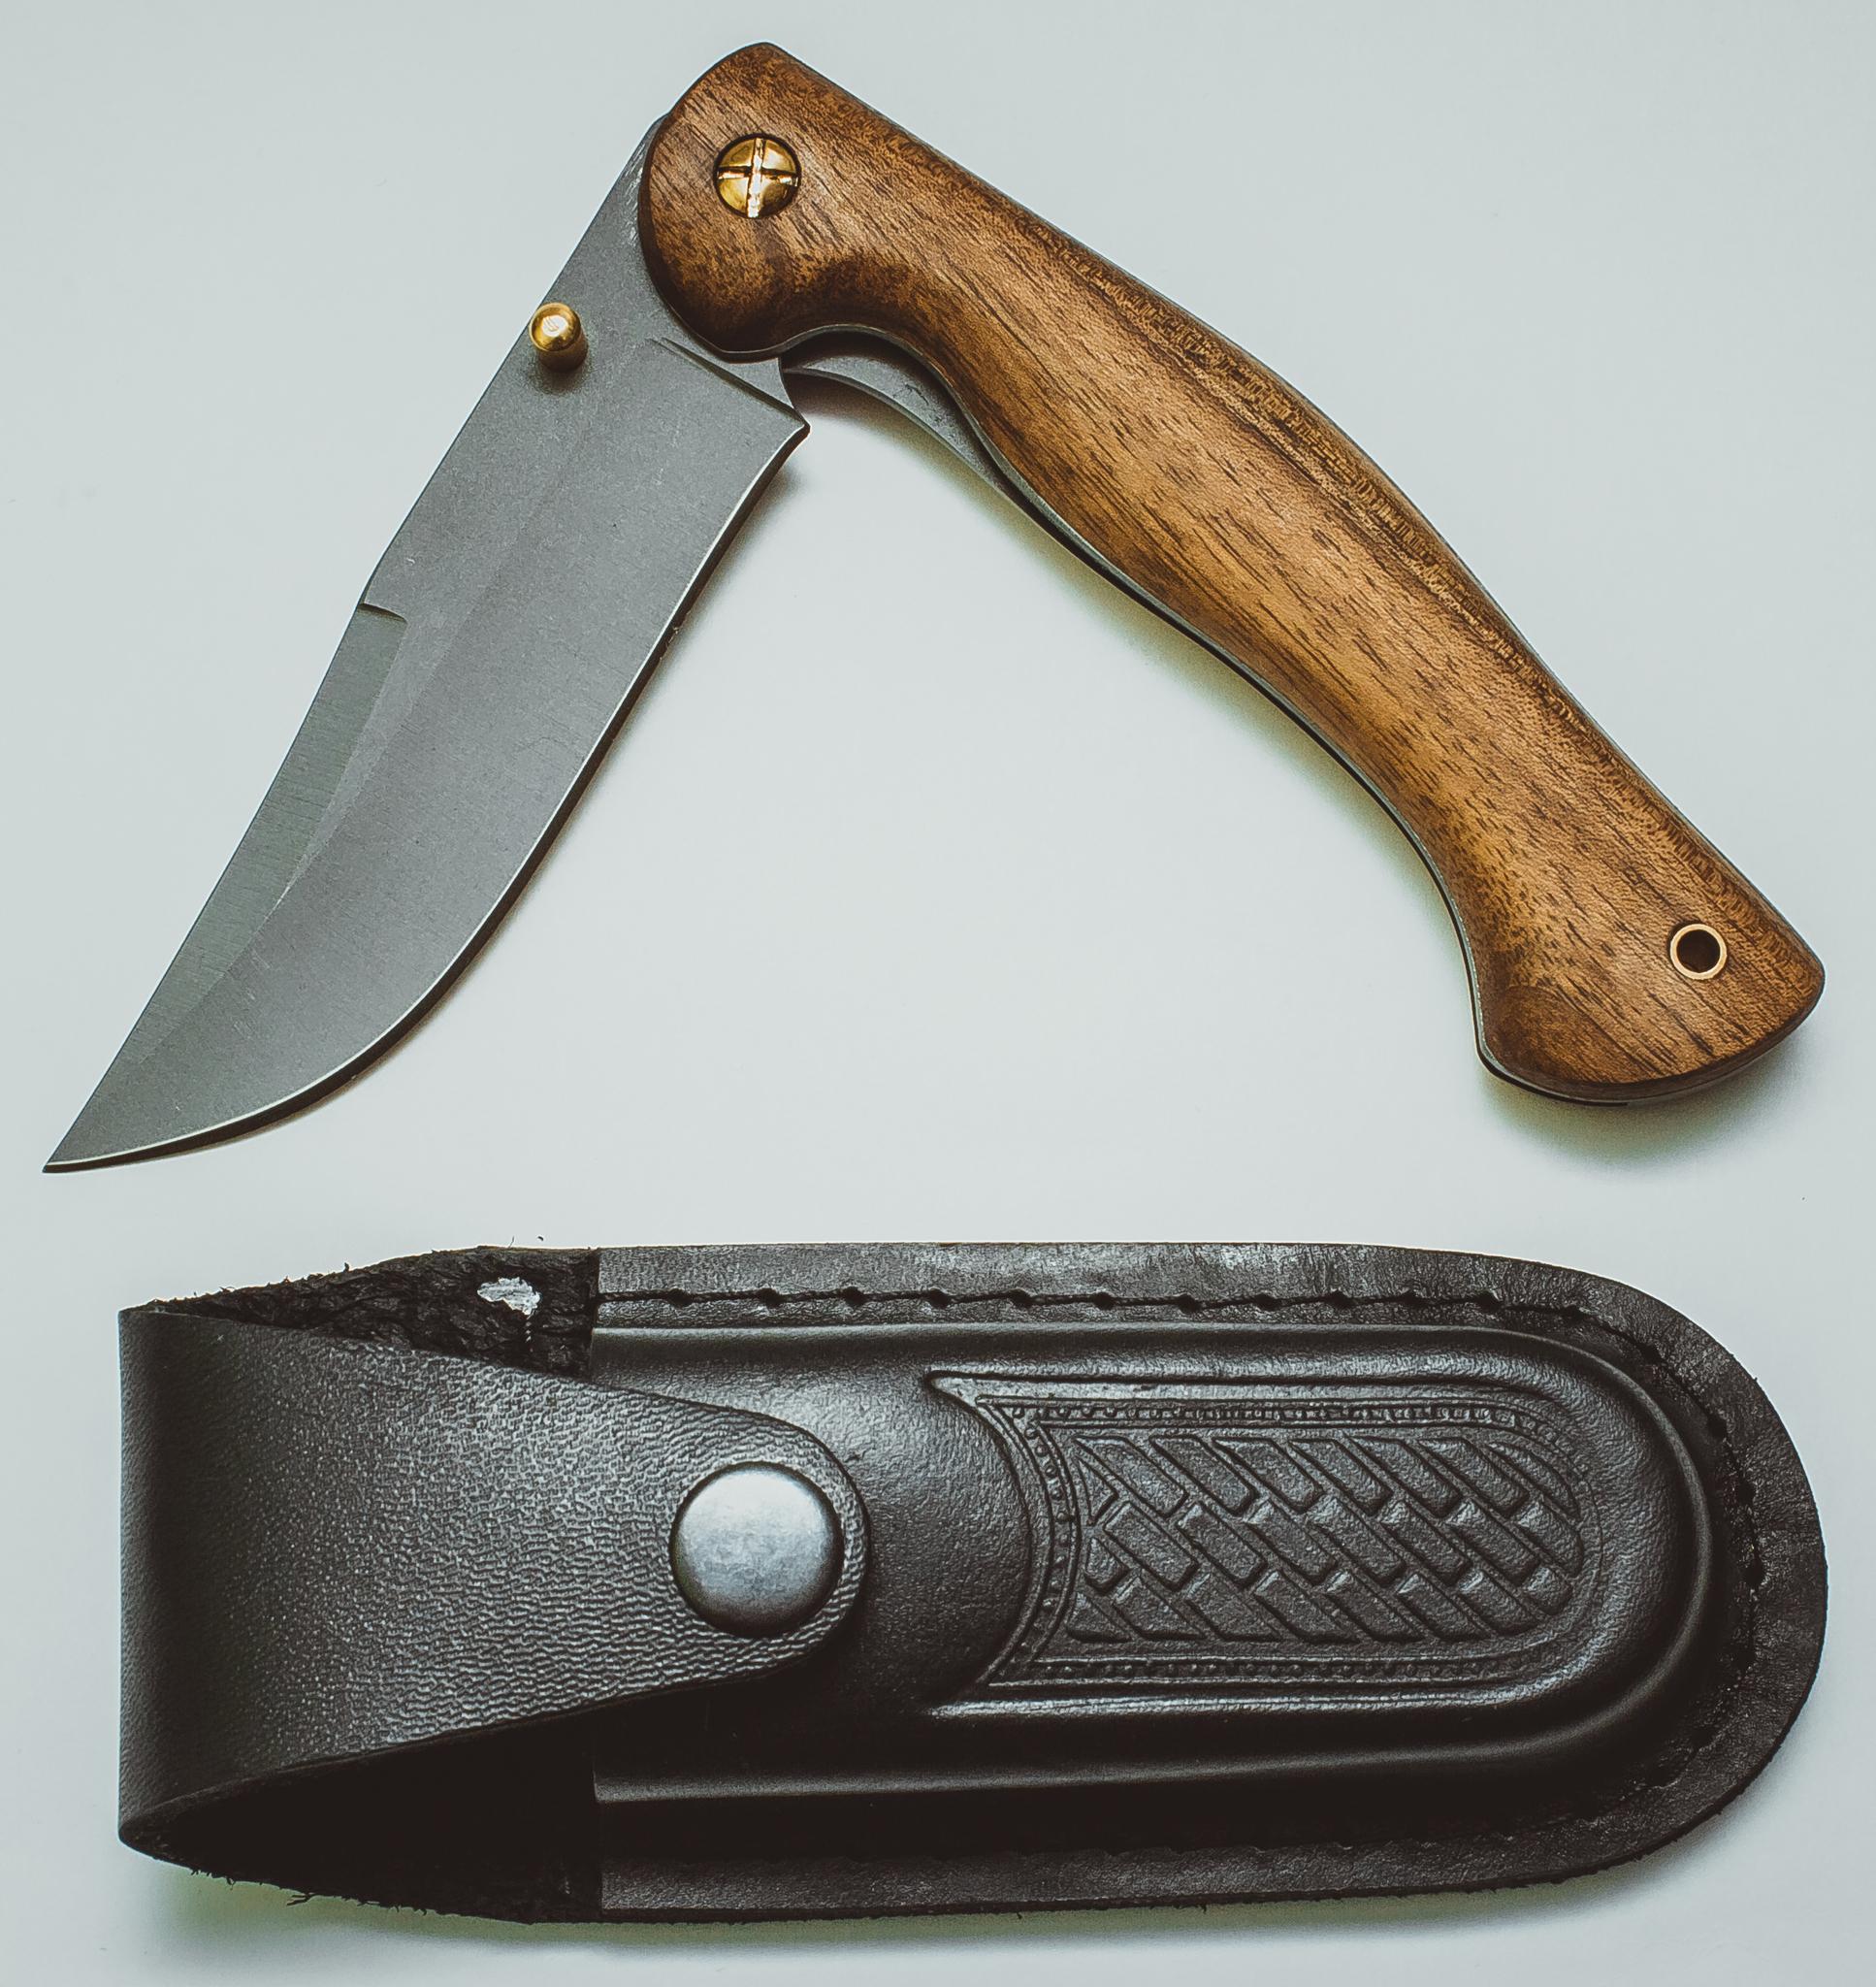 Фото 2 - Складной нож Азиат, сталь 95х18, орех от Марычев